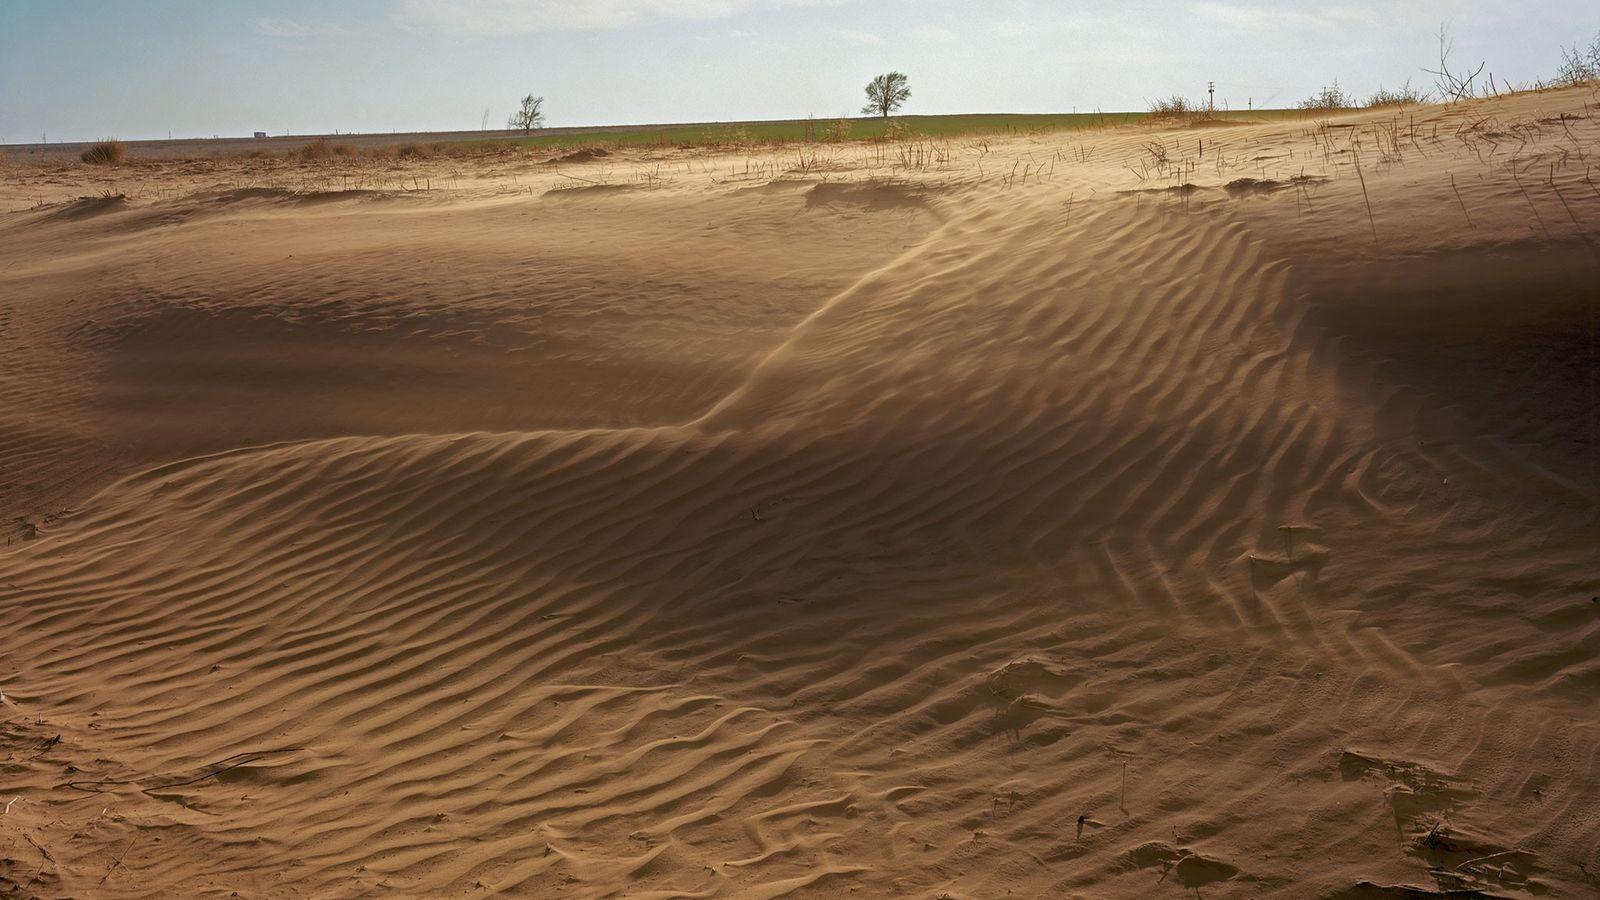 Le vent, par un phénomène d'érosion, entraîne la dégradation de la couche arable sur des terres ...